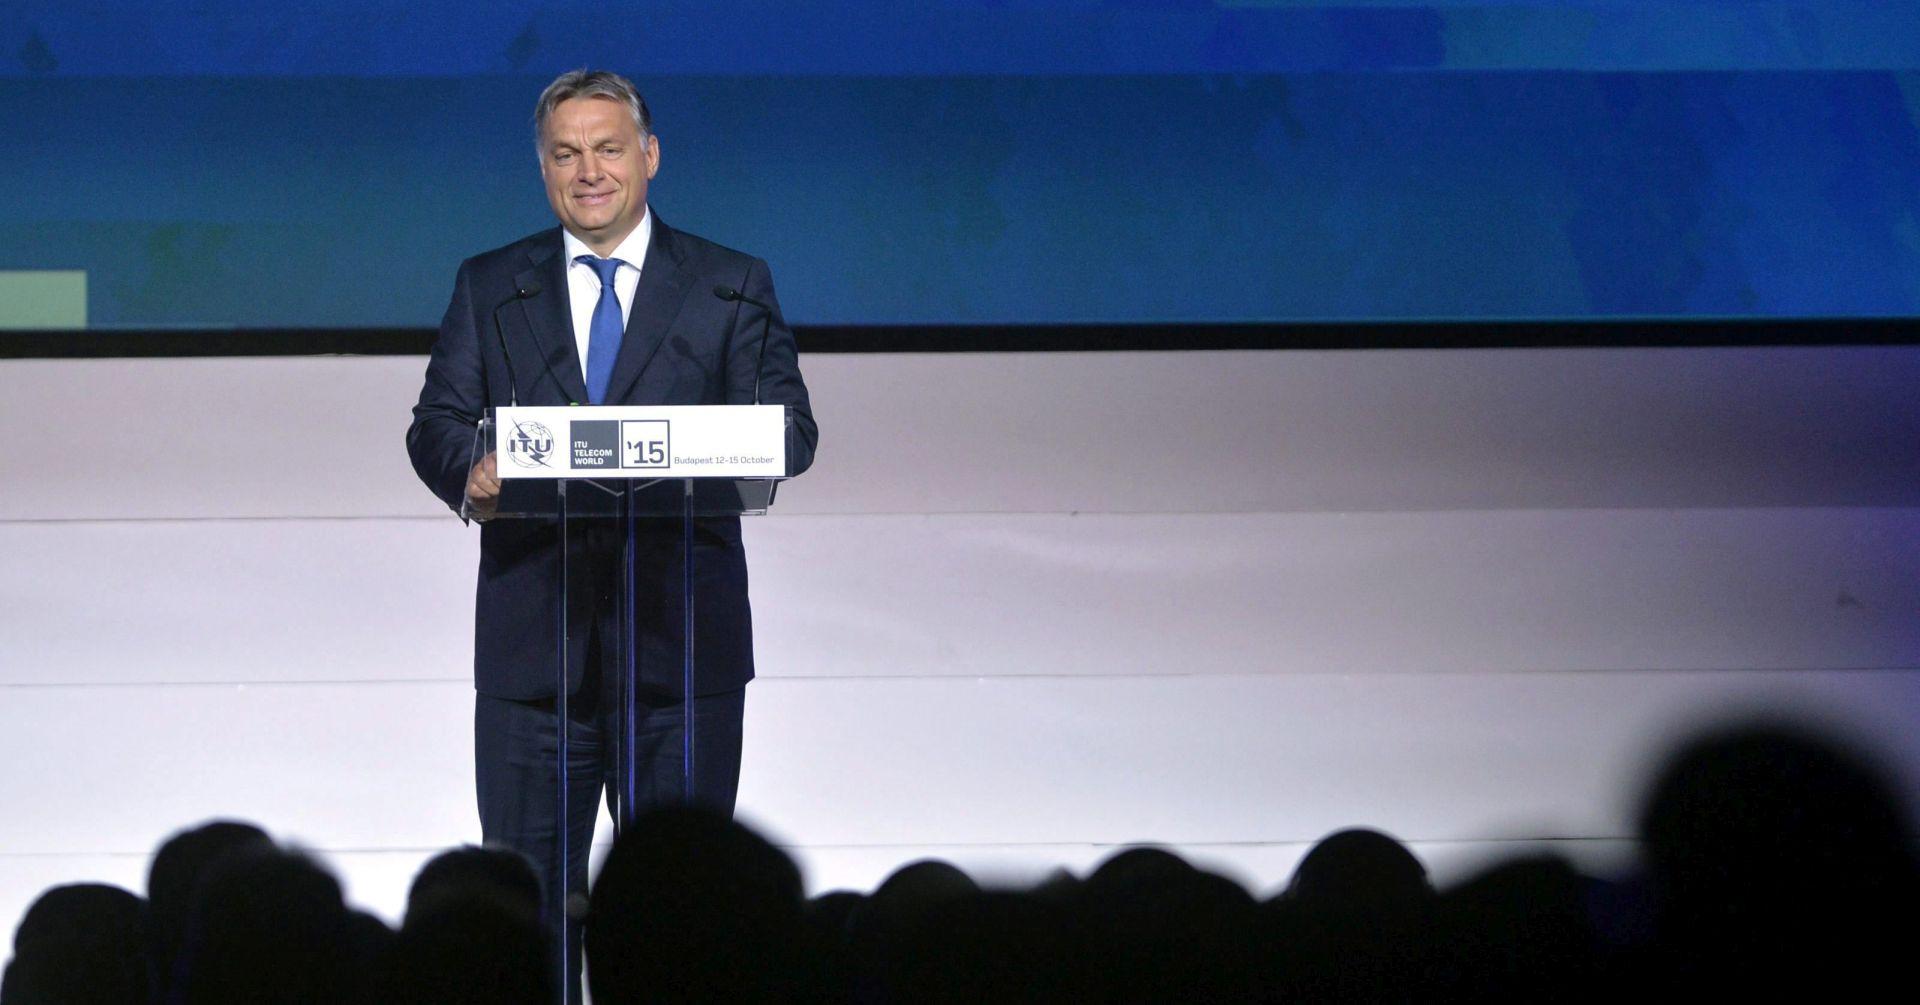 VIKTOR ORBAN Otvaranje granice je nemoguće, Mađarska brani Europu. U suprotnom je Schengen gotov